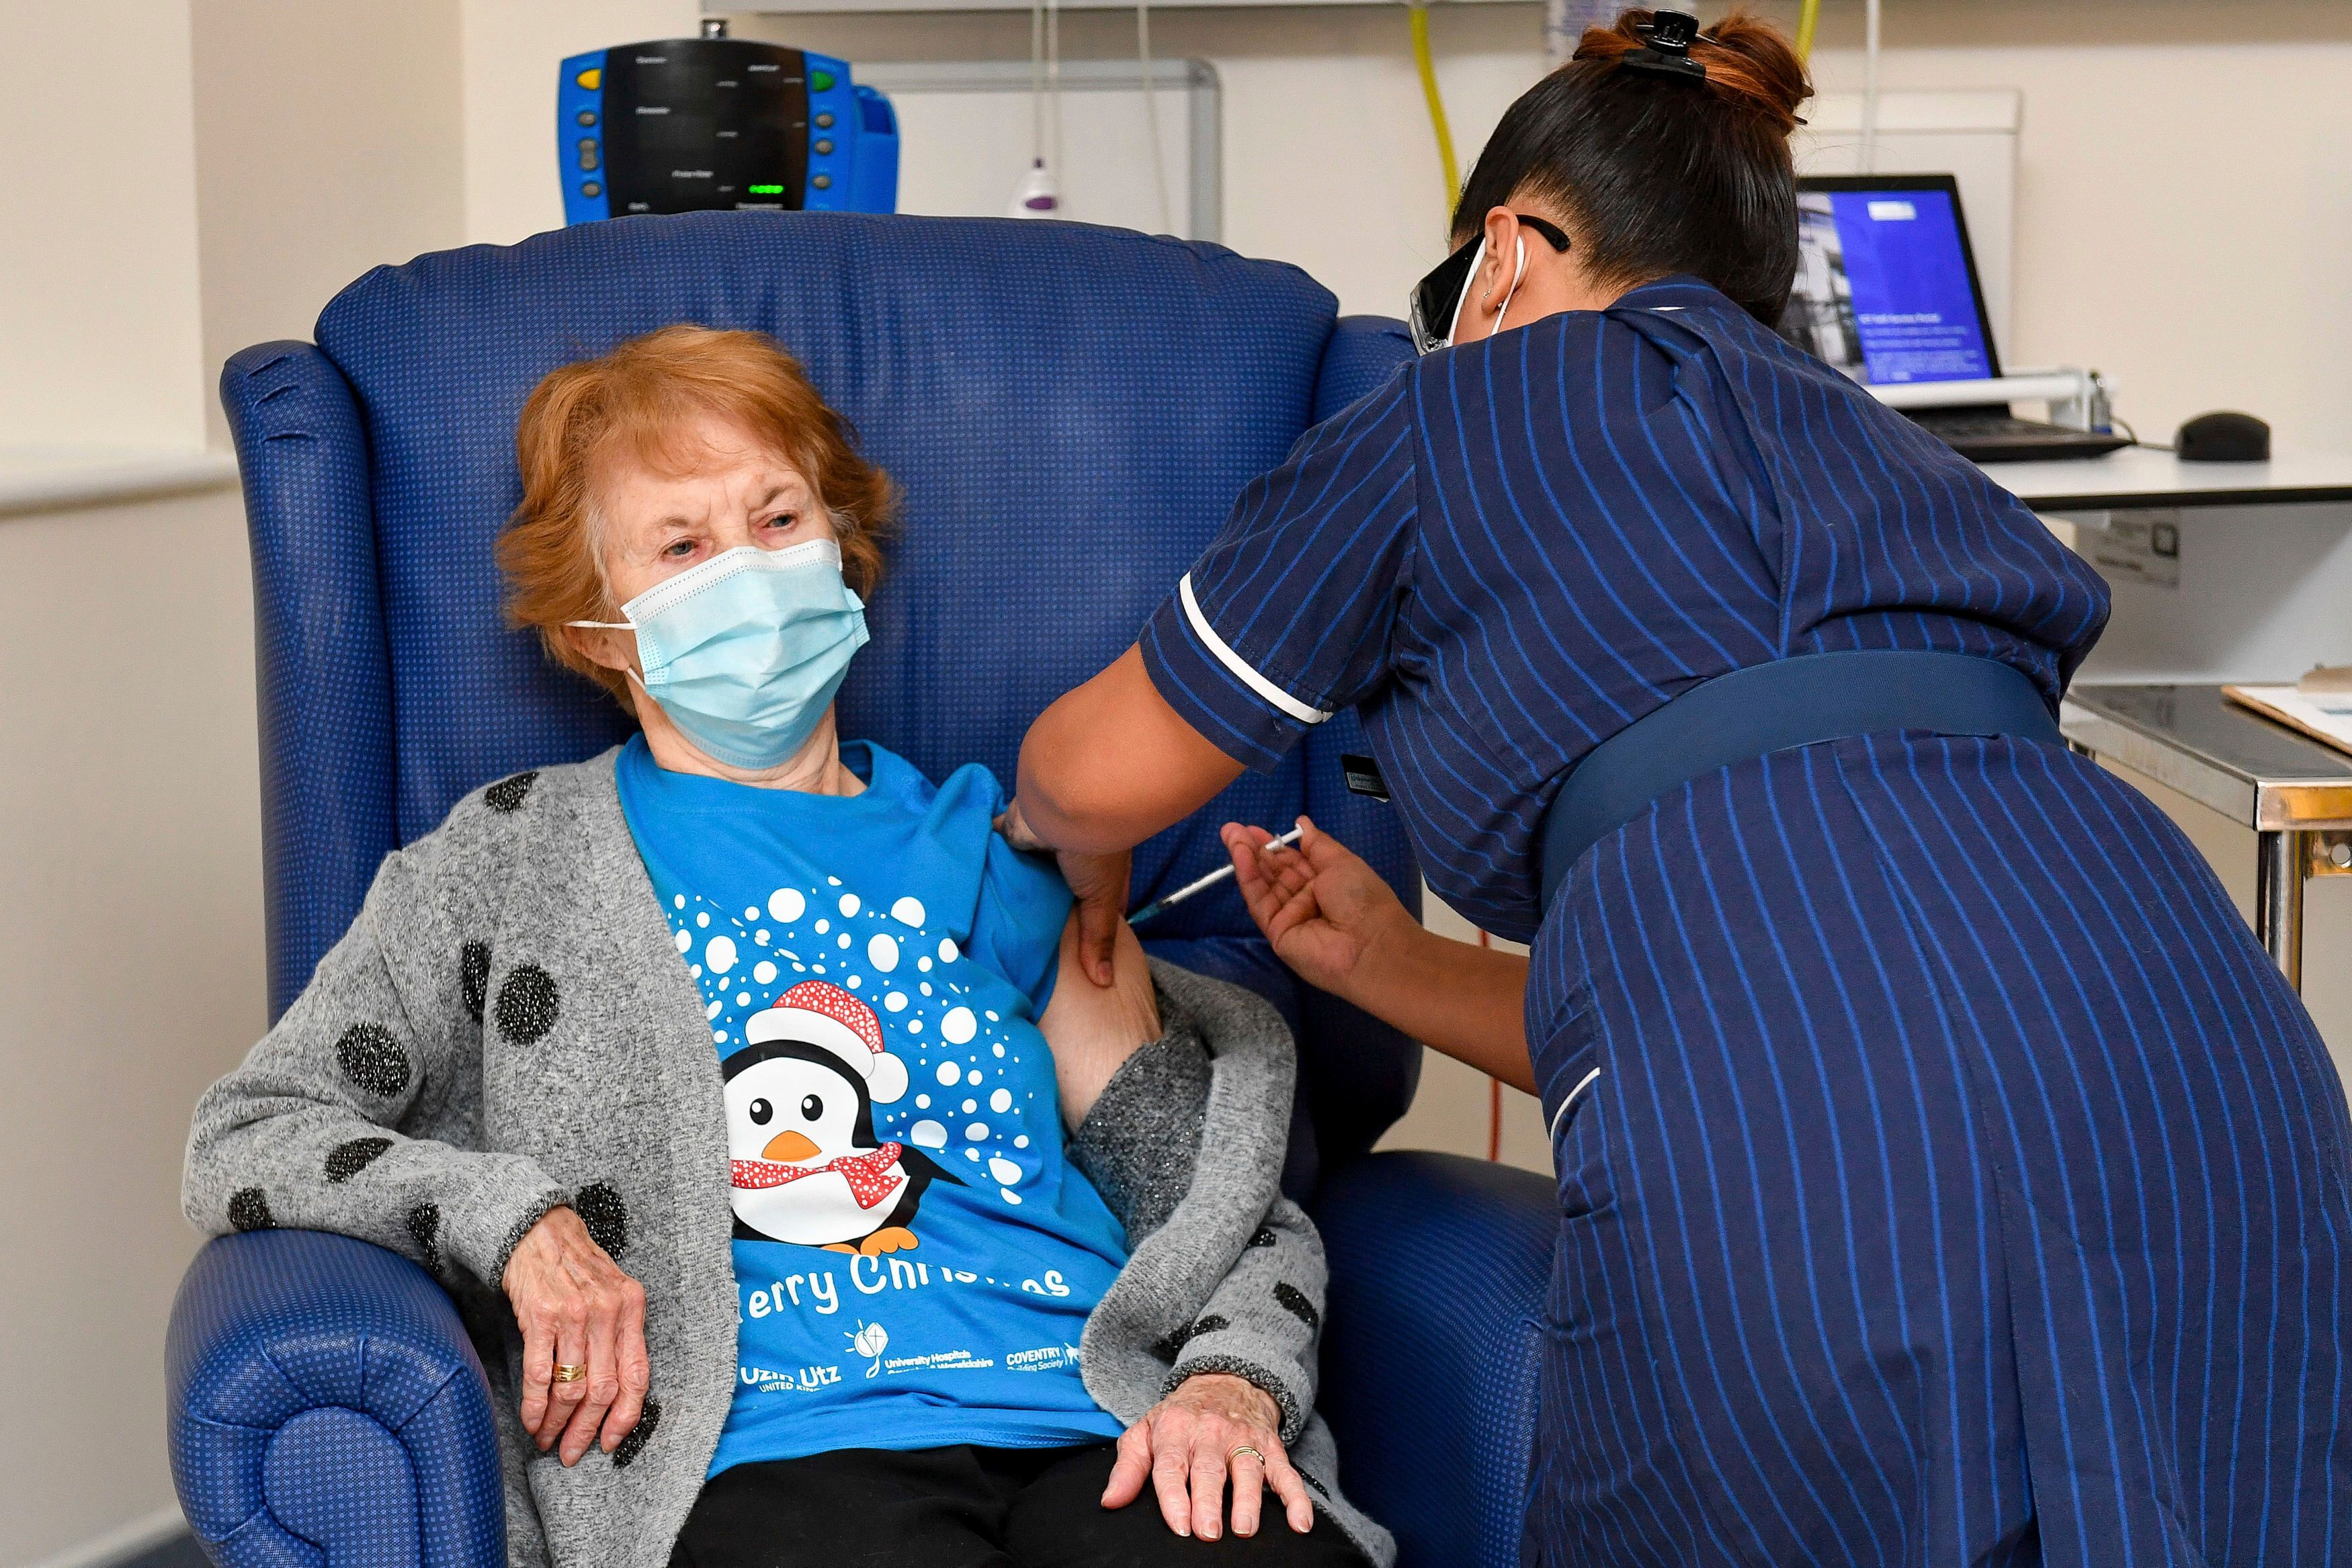 Großbritannien: 90-jährige erhält erste Corona-Impfung